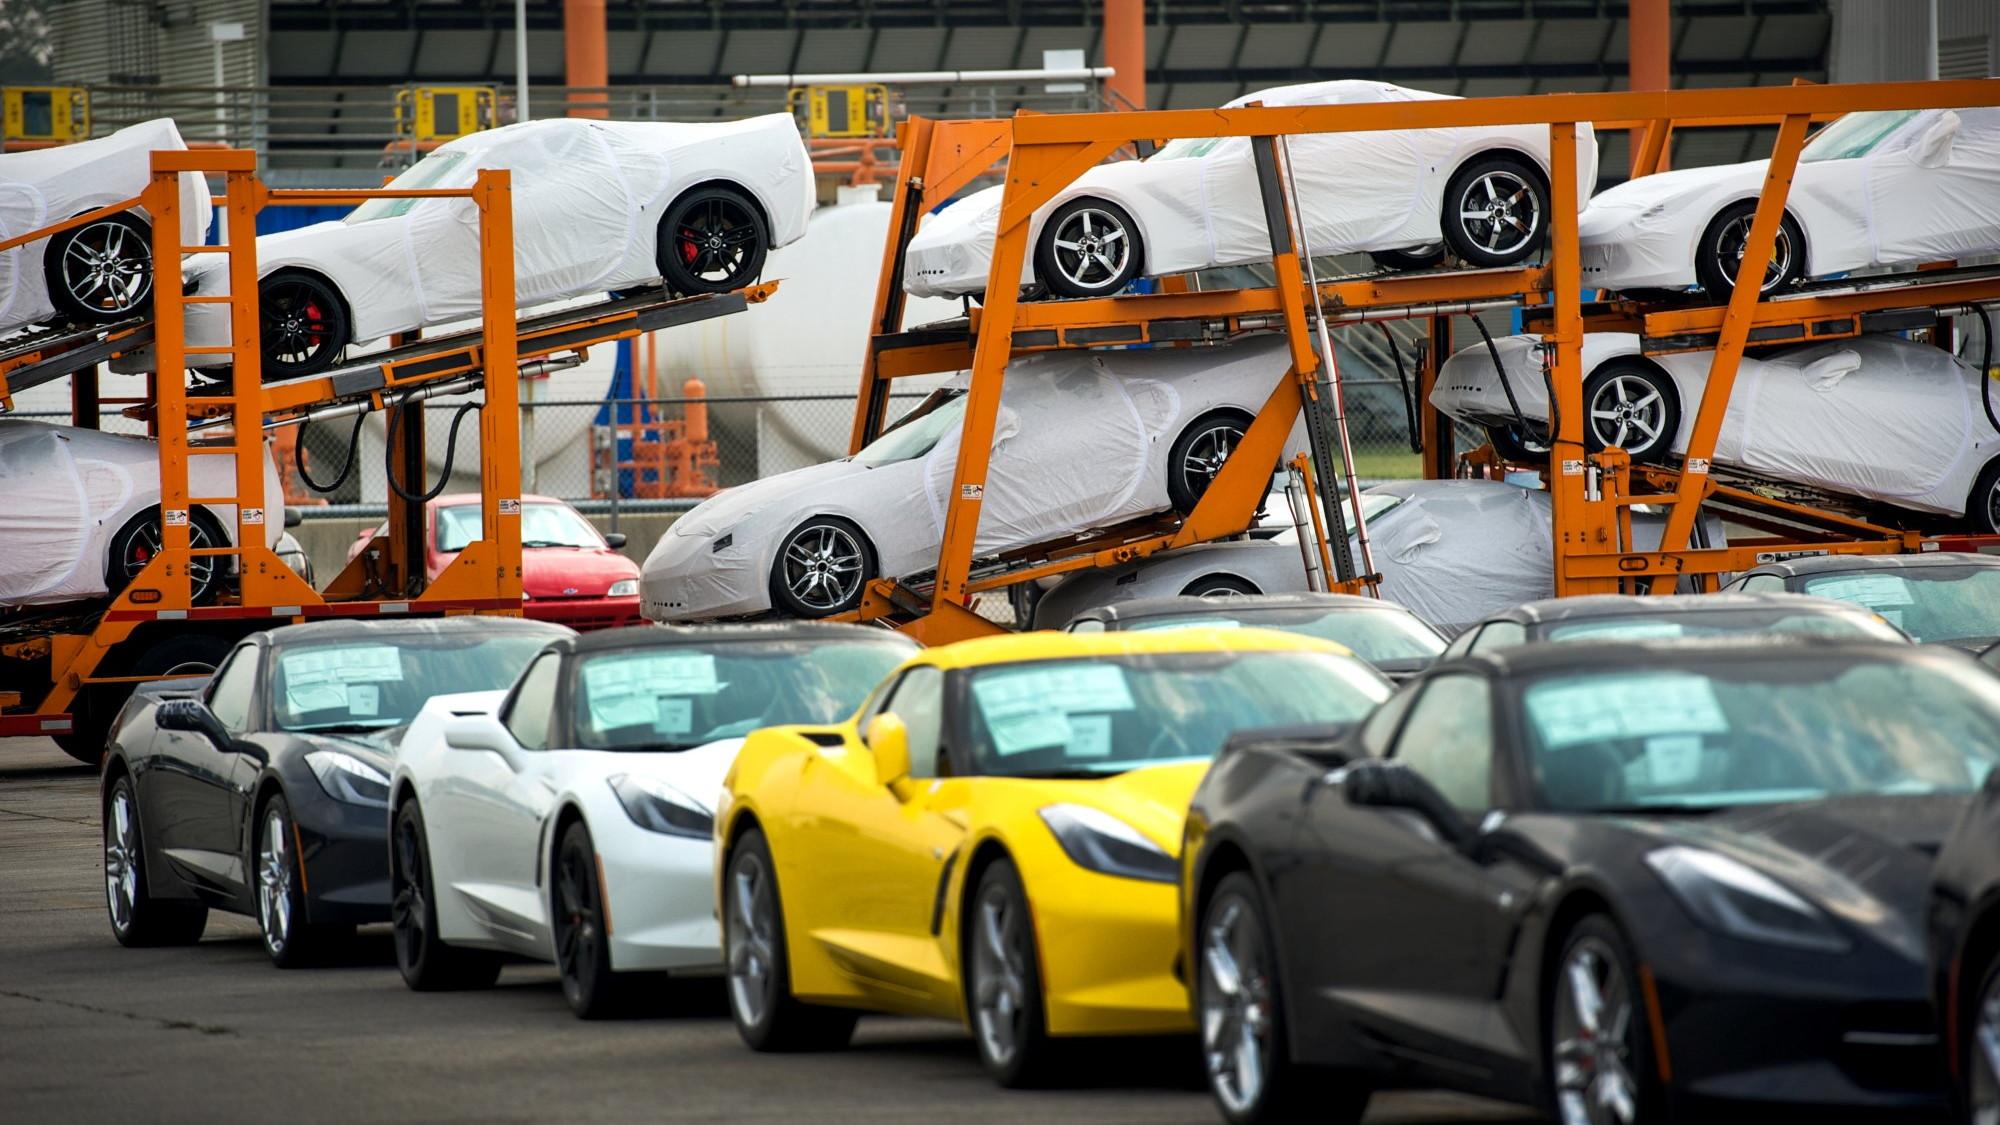 2014 Chevrolet Corvette Stingray begins shipments to dealers